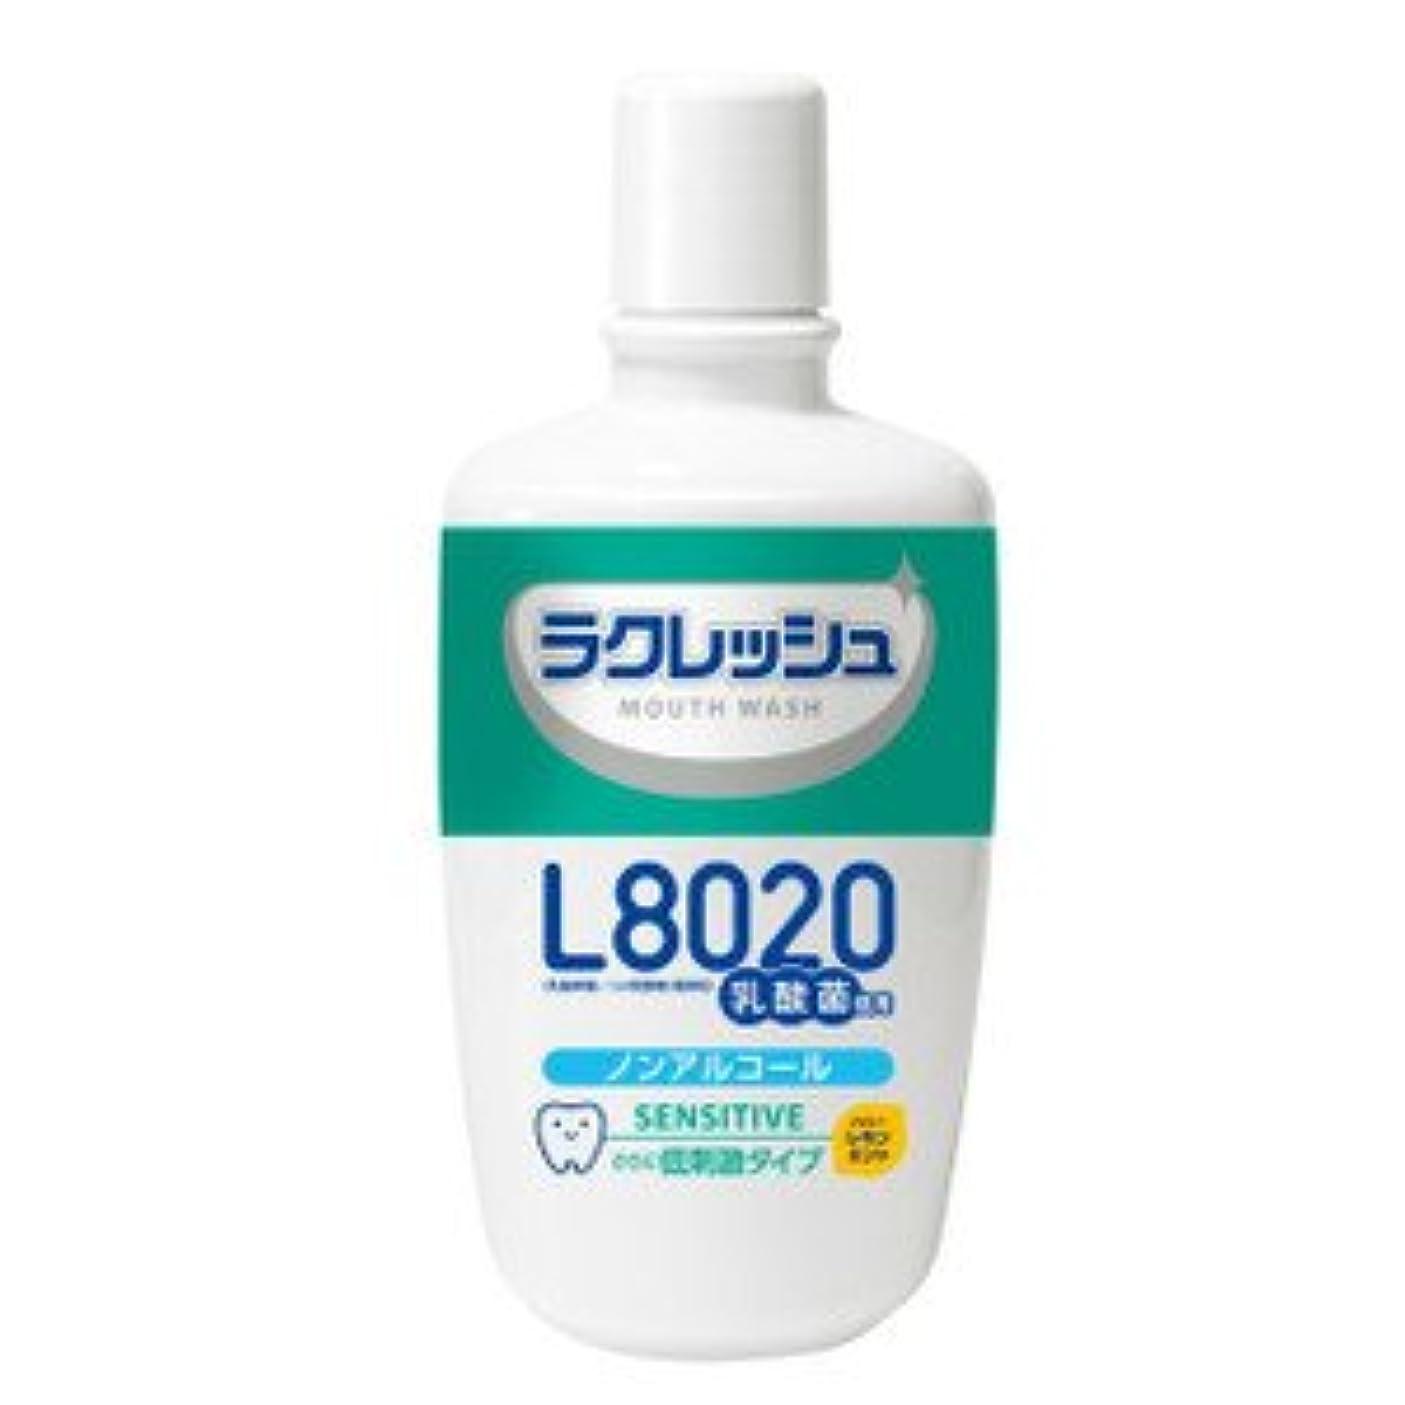 窒息させる困惑した大脳ジェクス ラクレッシュ L8020乳酸菌 マウスウォッシュ 洗口液センシティブタイプ 300ml×10個セット